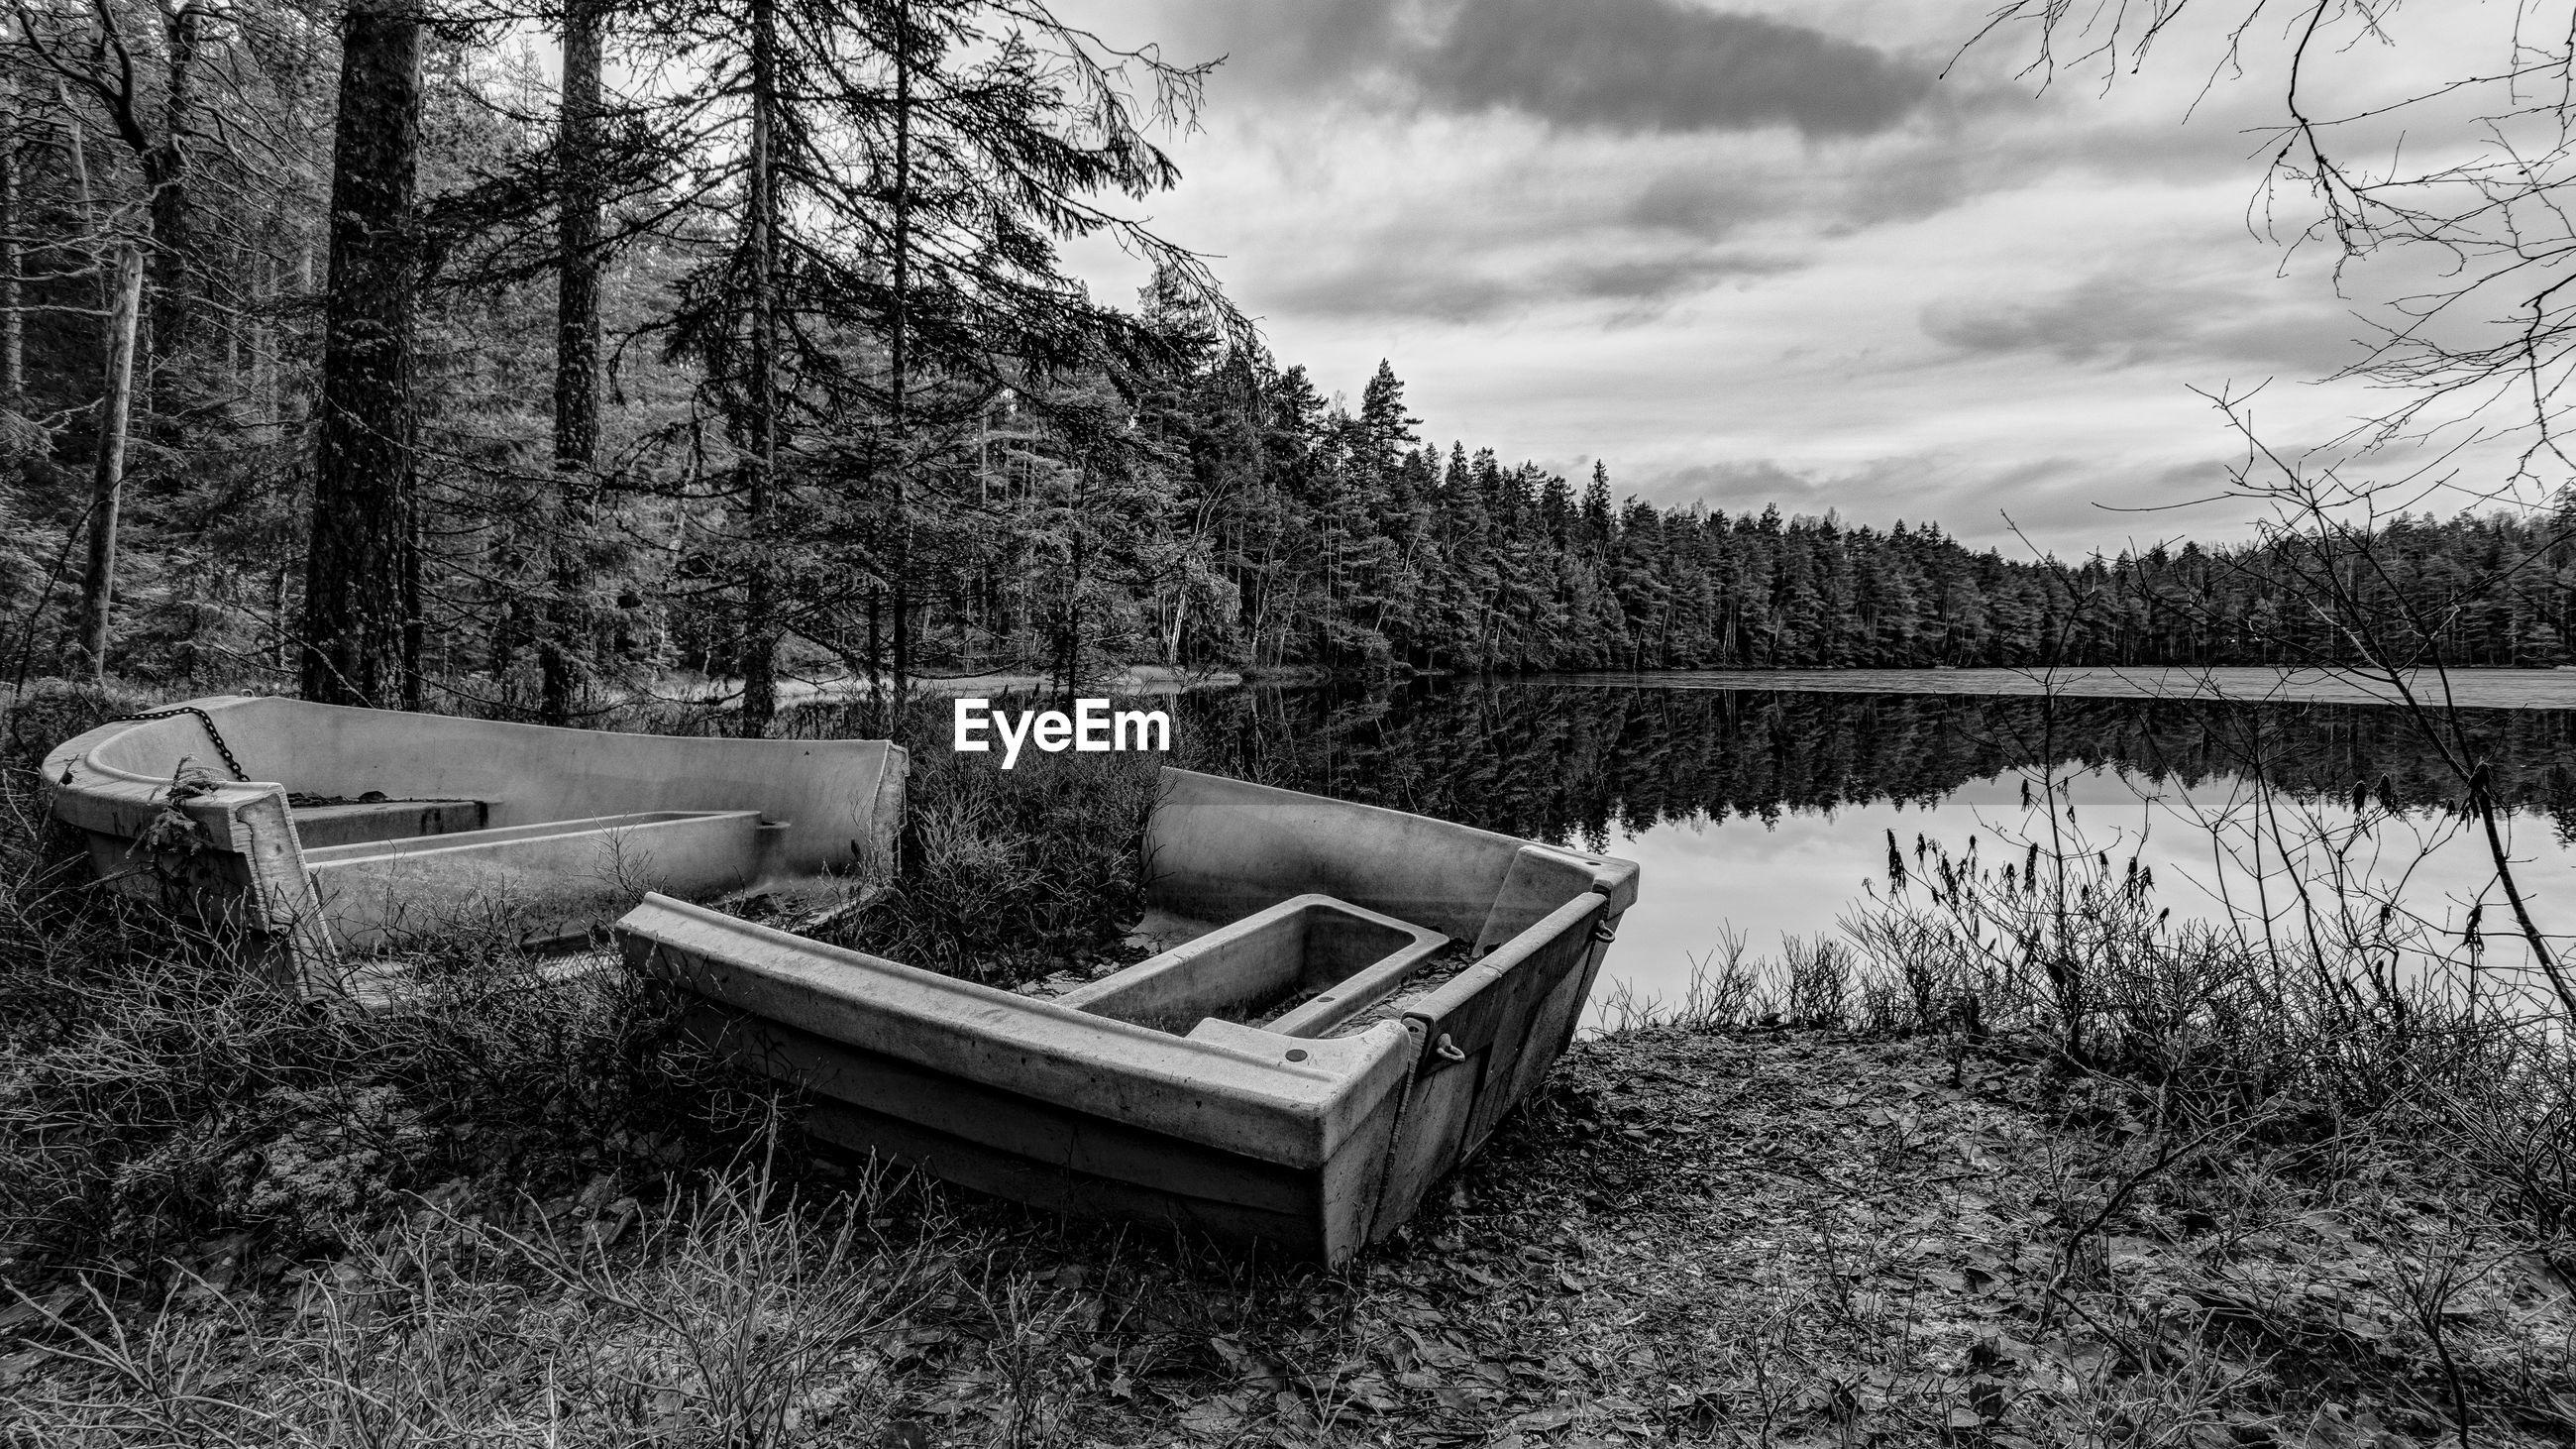 Abandoned boat at lakeshore